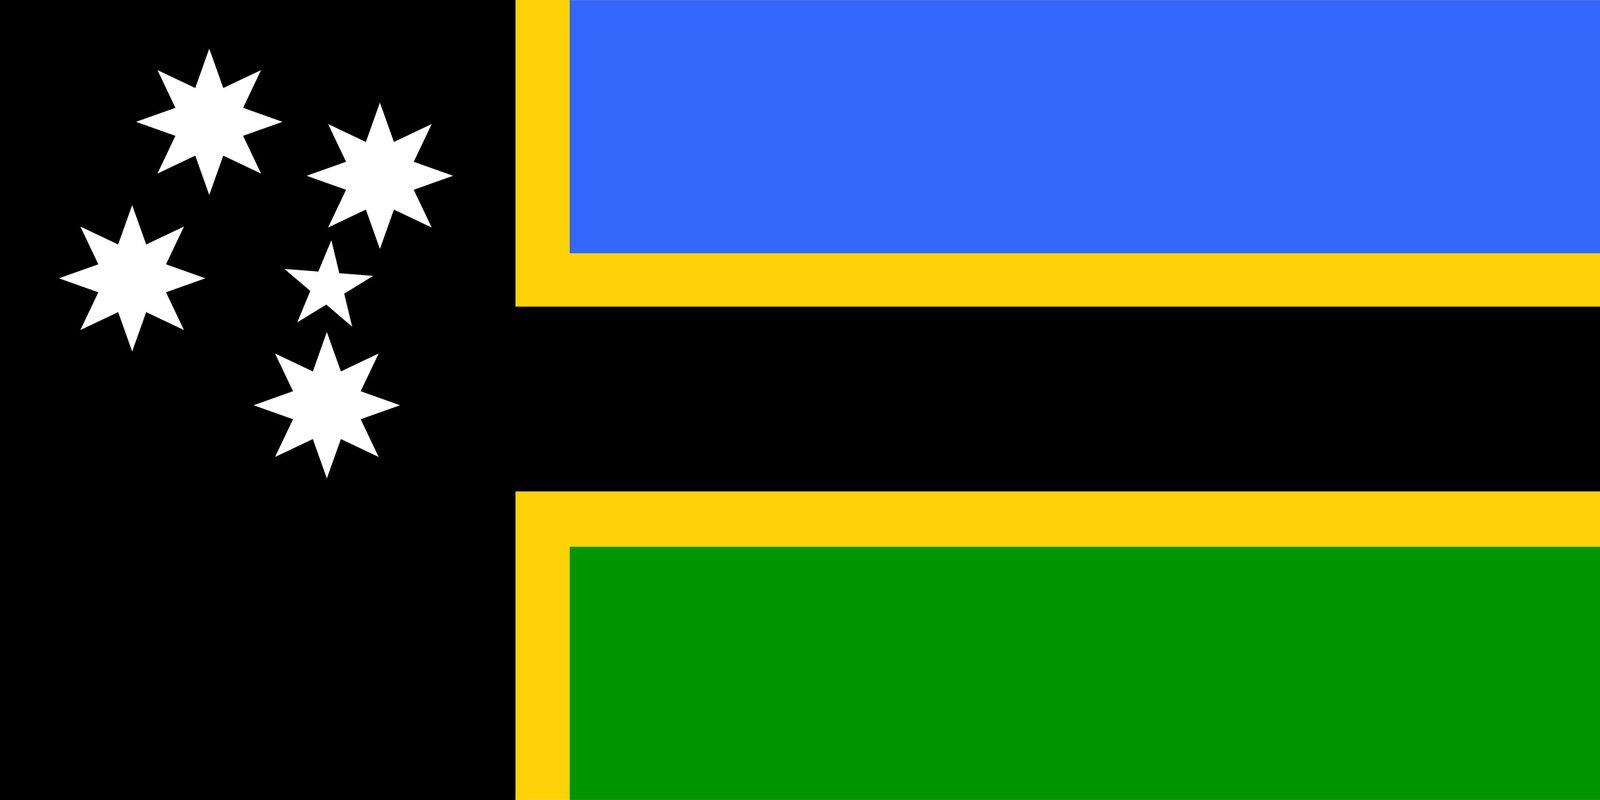 ASSIPJ flag